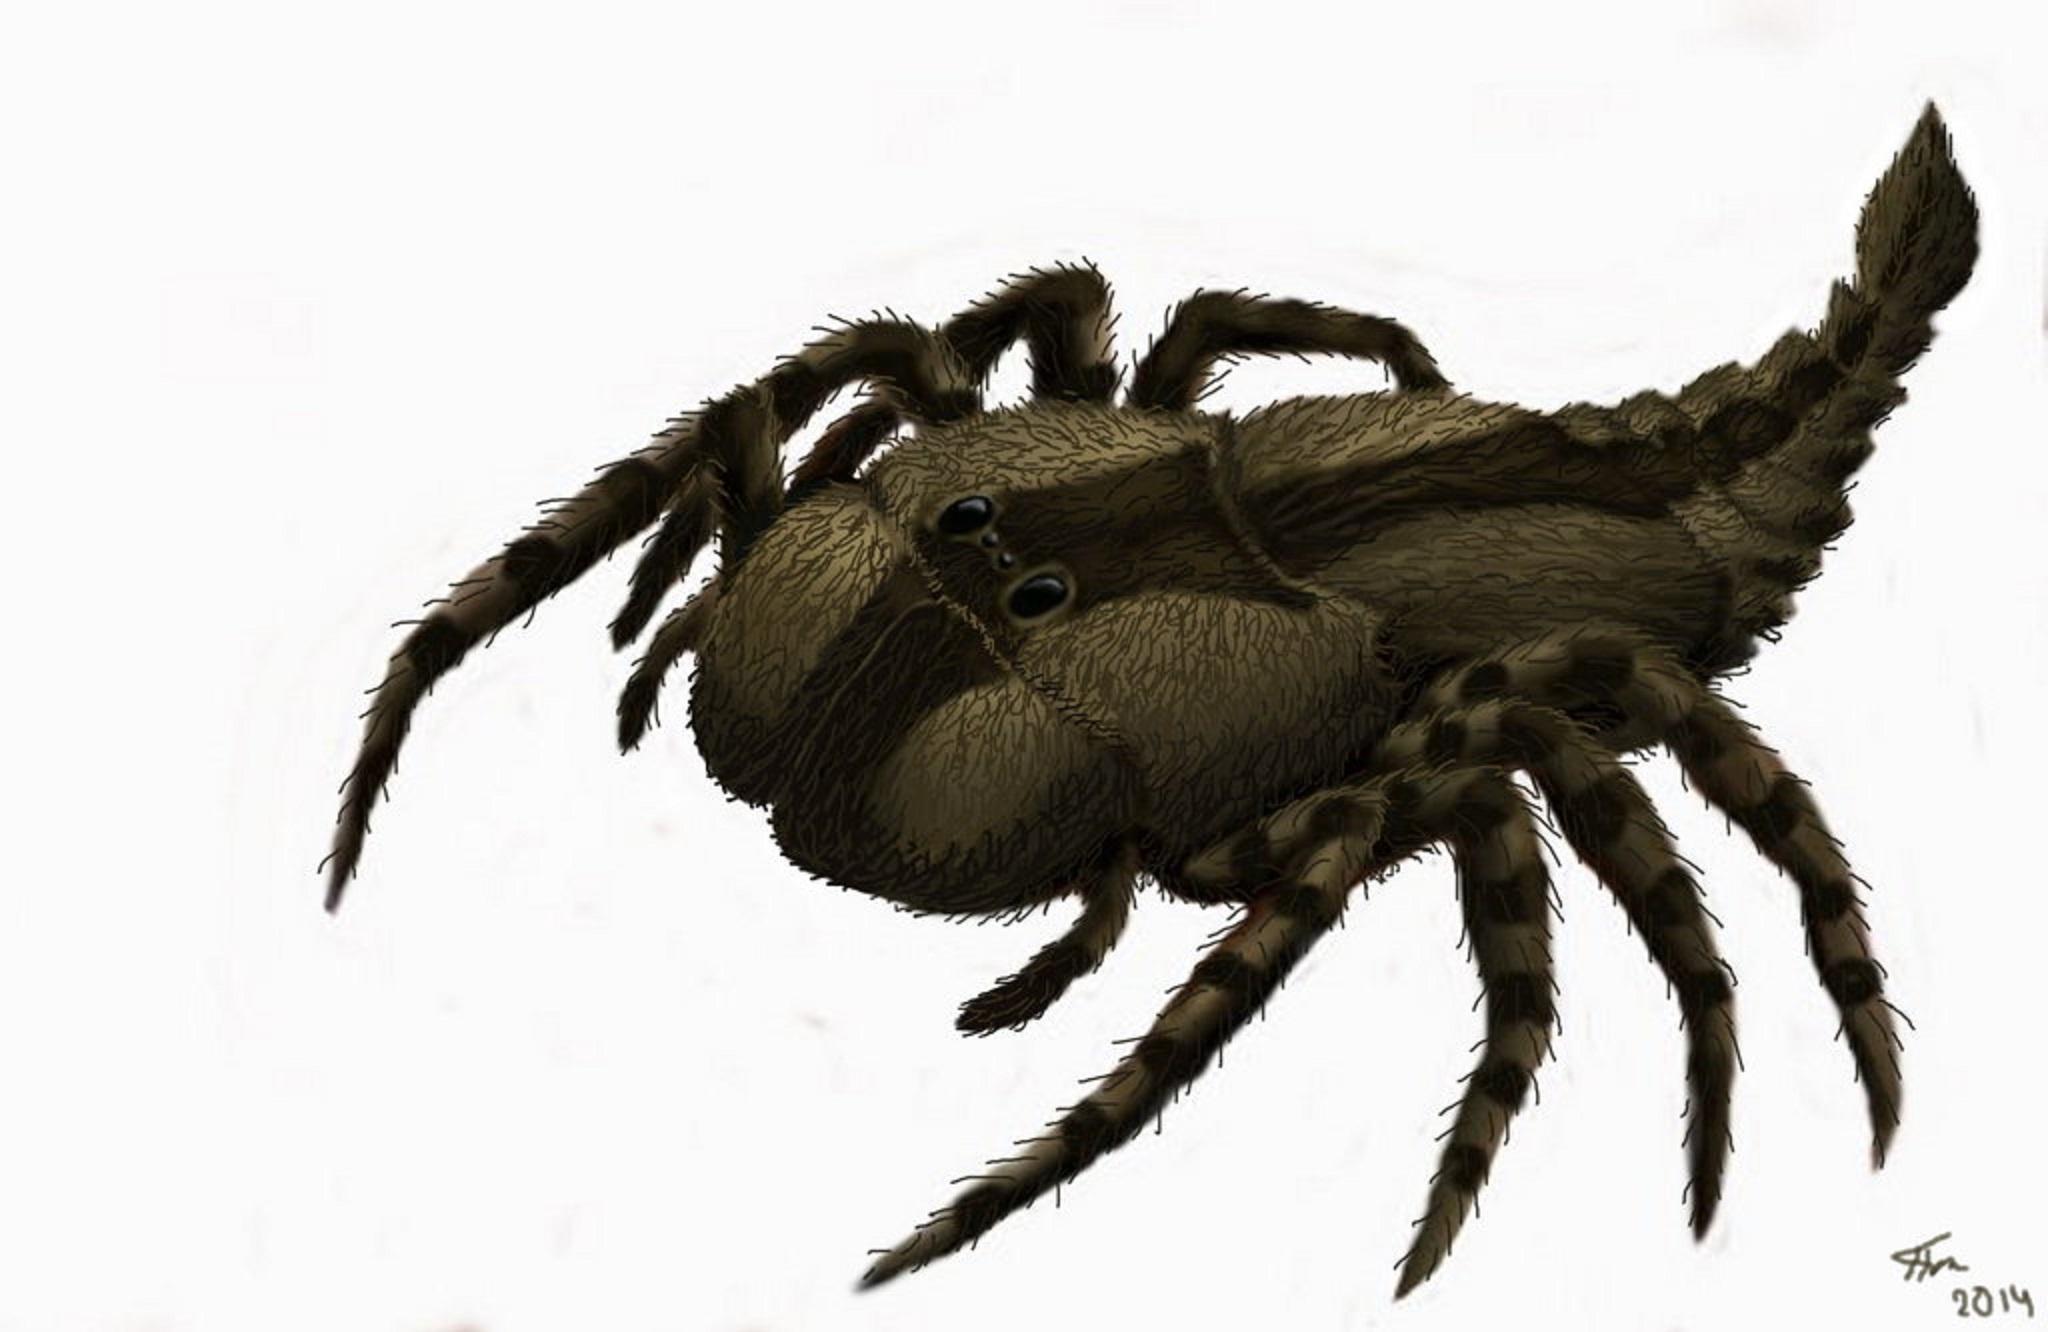 Scorpion clipart carboniferous #15